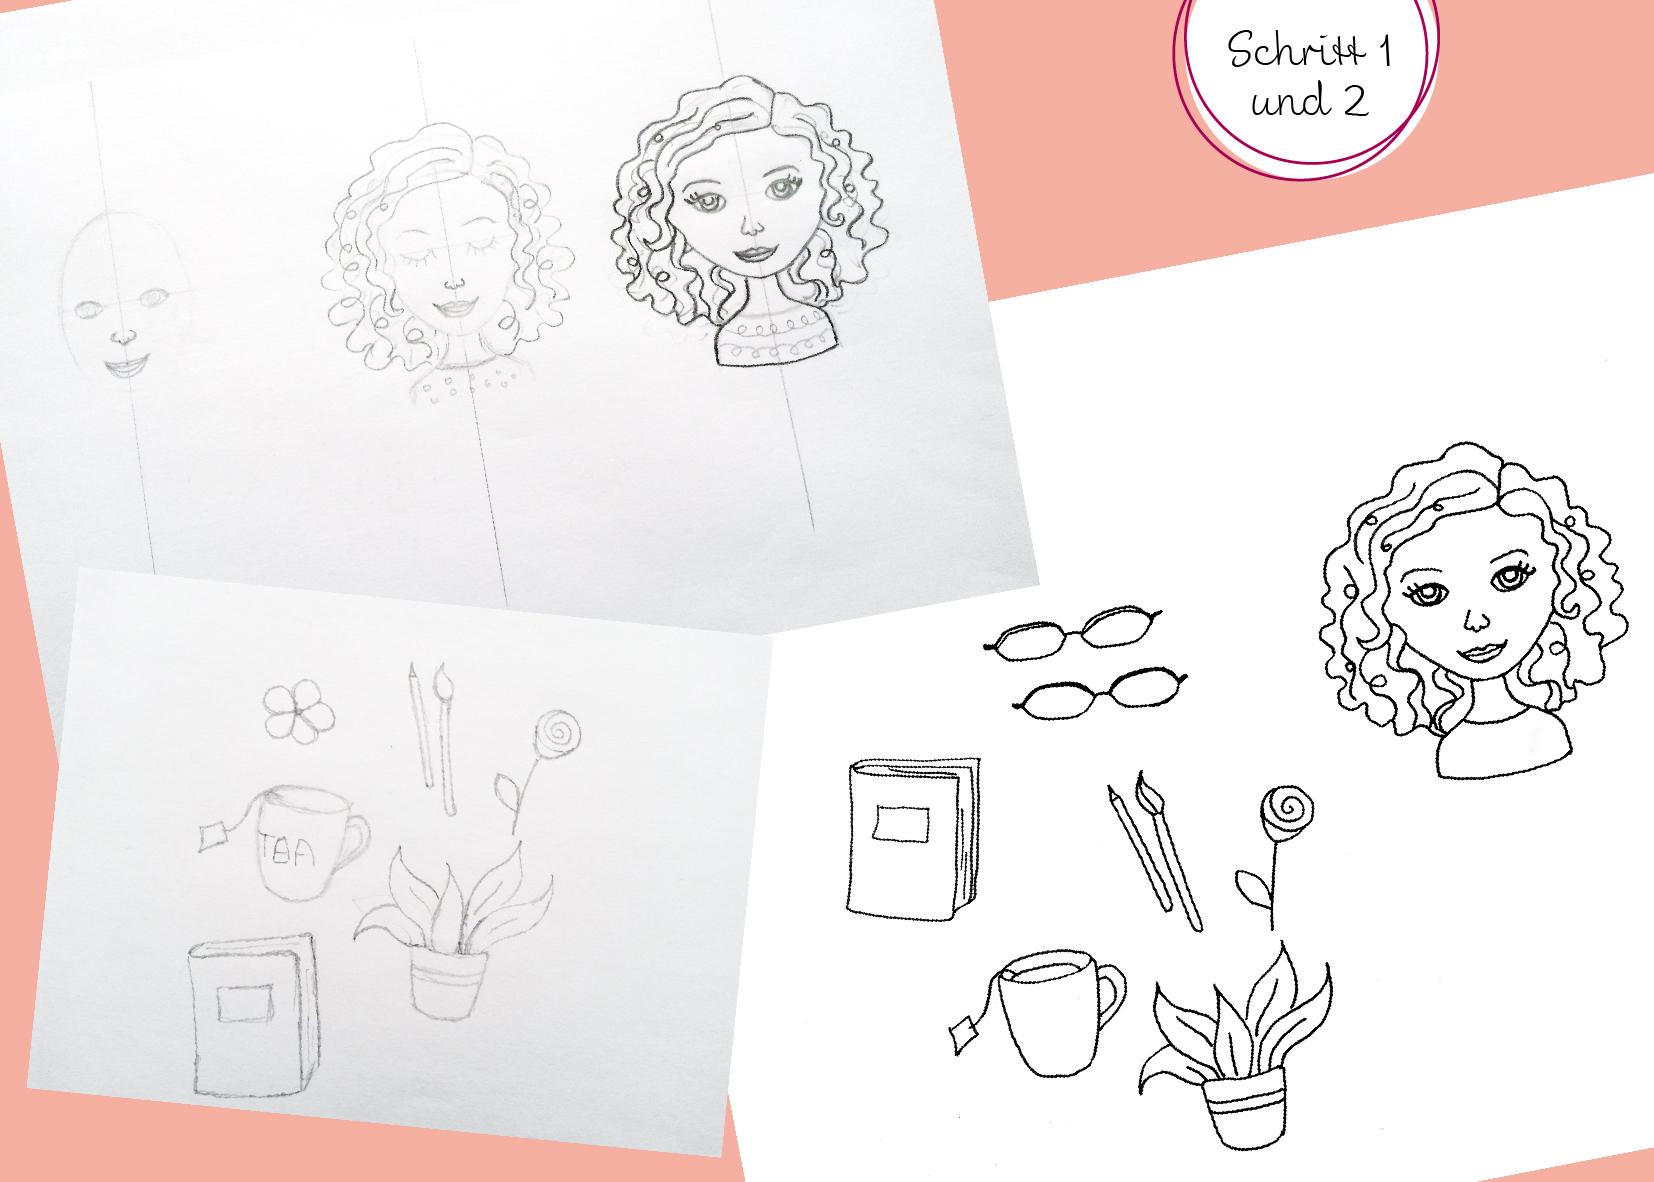 Portraitchallenge_Schritt1-2_100x100_Zeichenfläche 1_Zeichenfläche 1.jpg